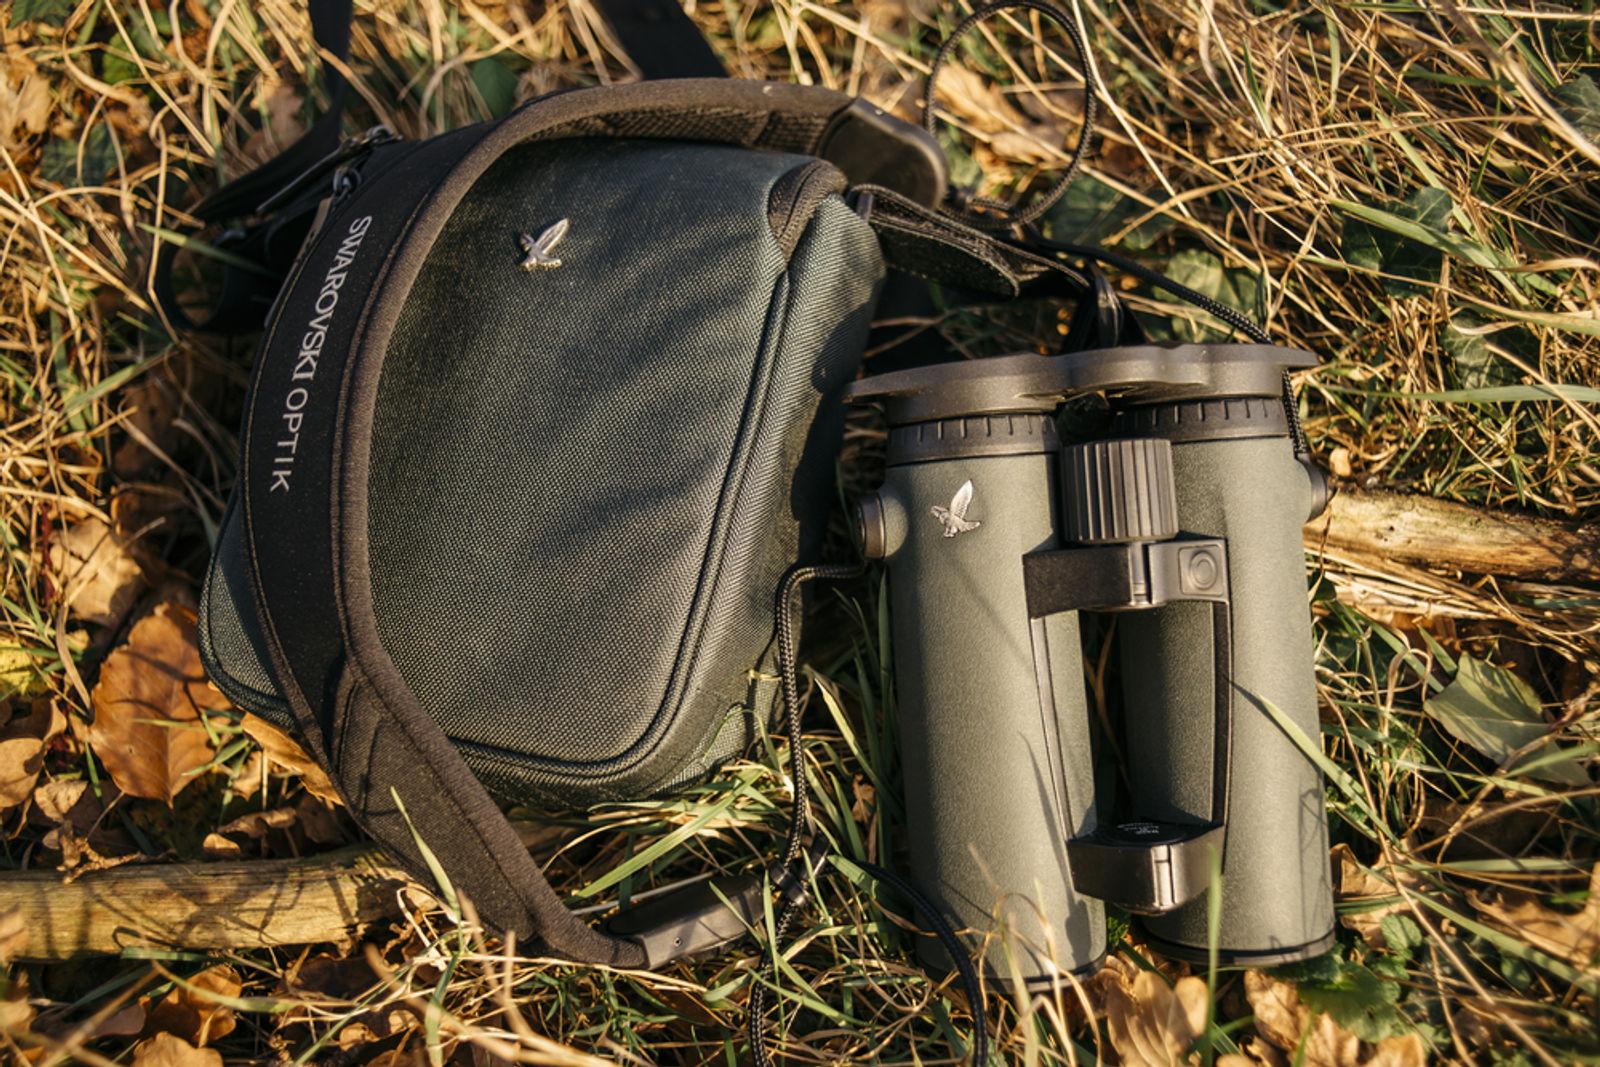 Swarovski 10x42 Mit Entfernungsmesser : Swarovski el range 10 x 42 & fotoadapter fürs iphone